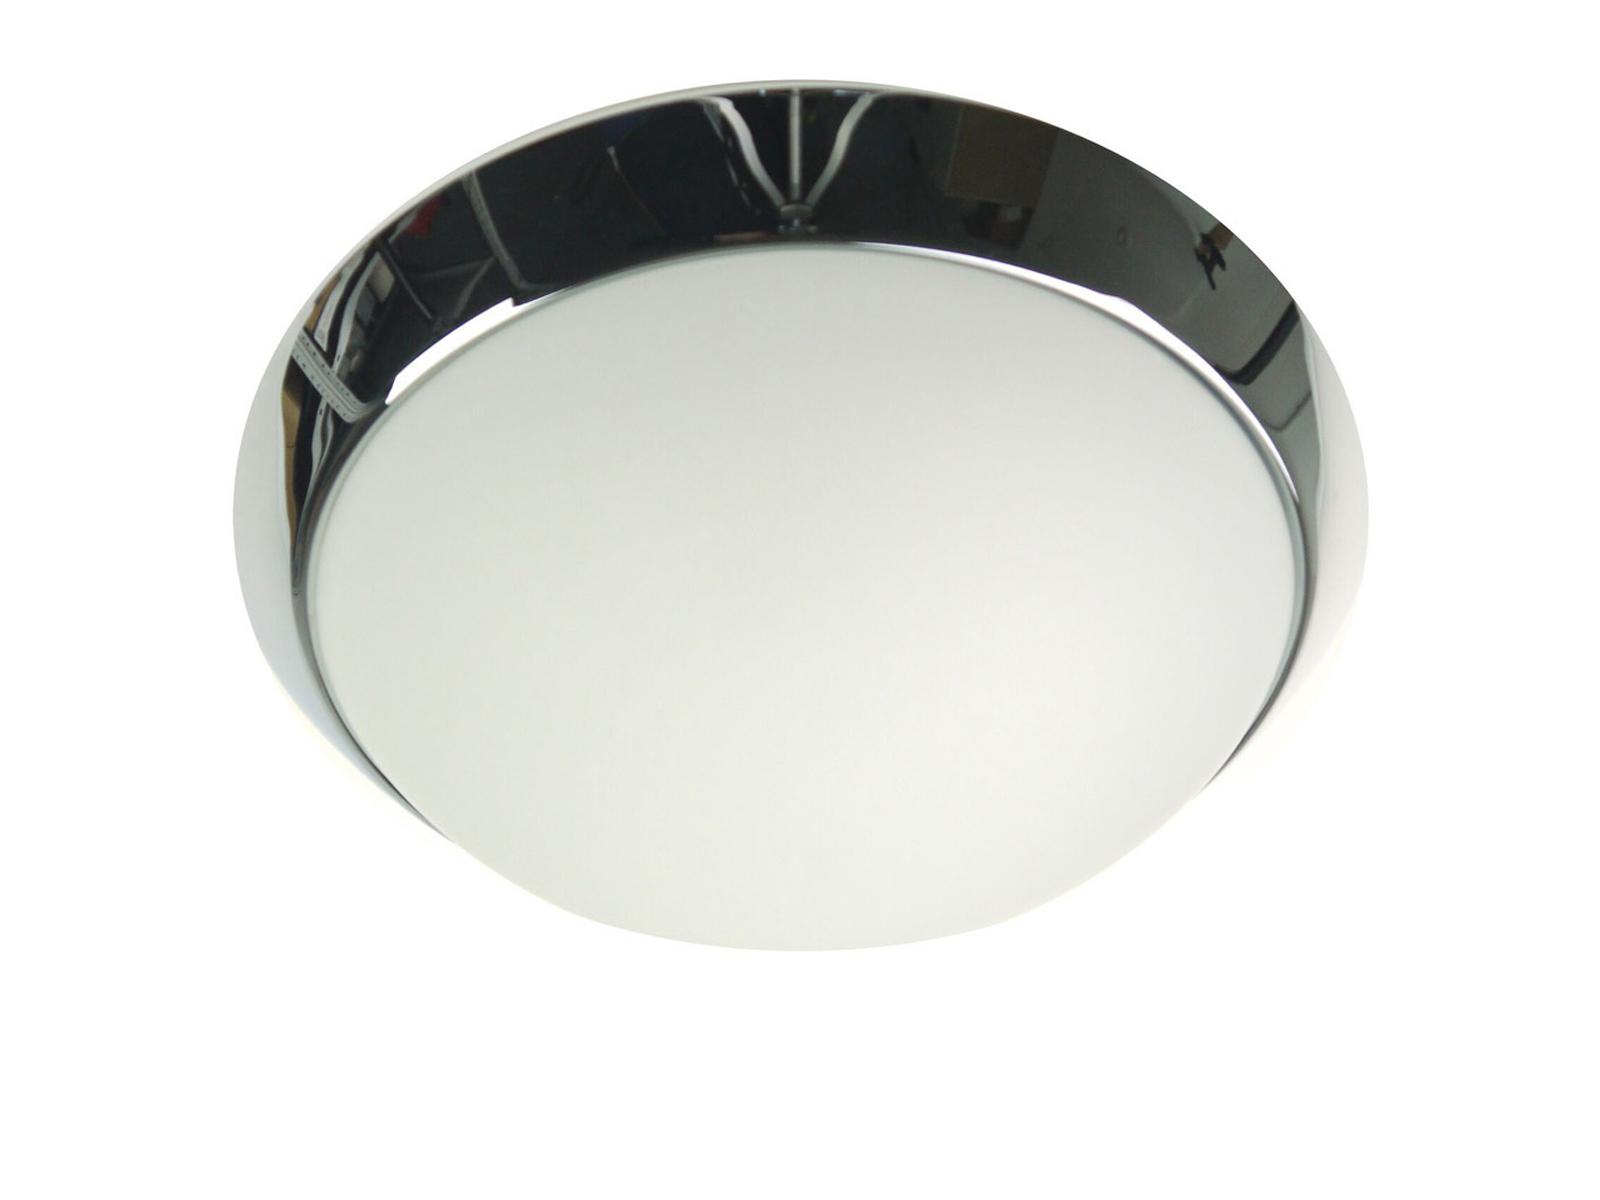 LED Deckenleuchte Küche Flurlampe rund Ø 35cm, Büroleuchte Dielenbeleuchtung